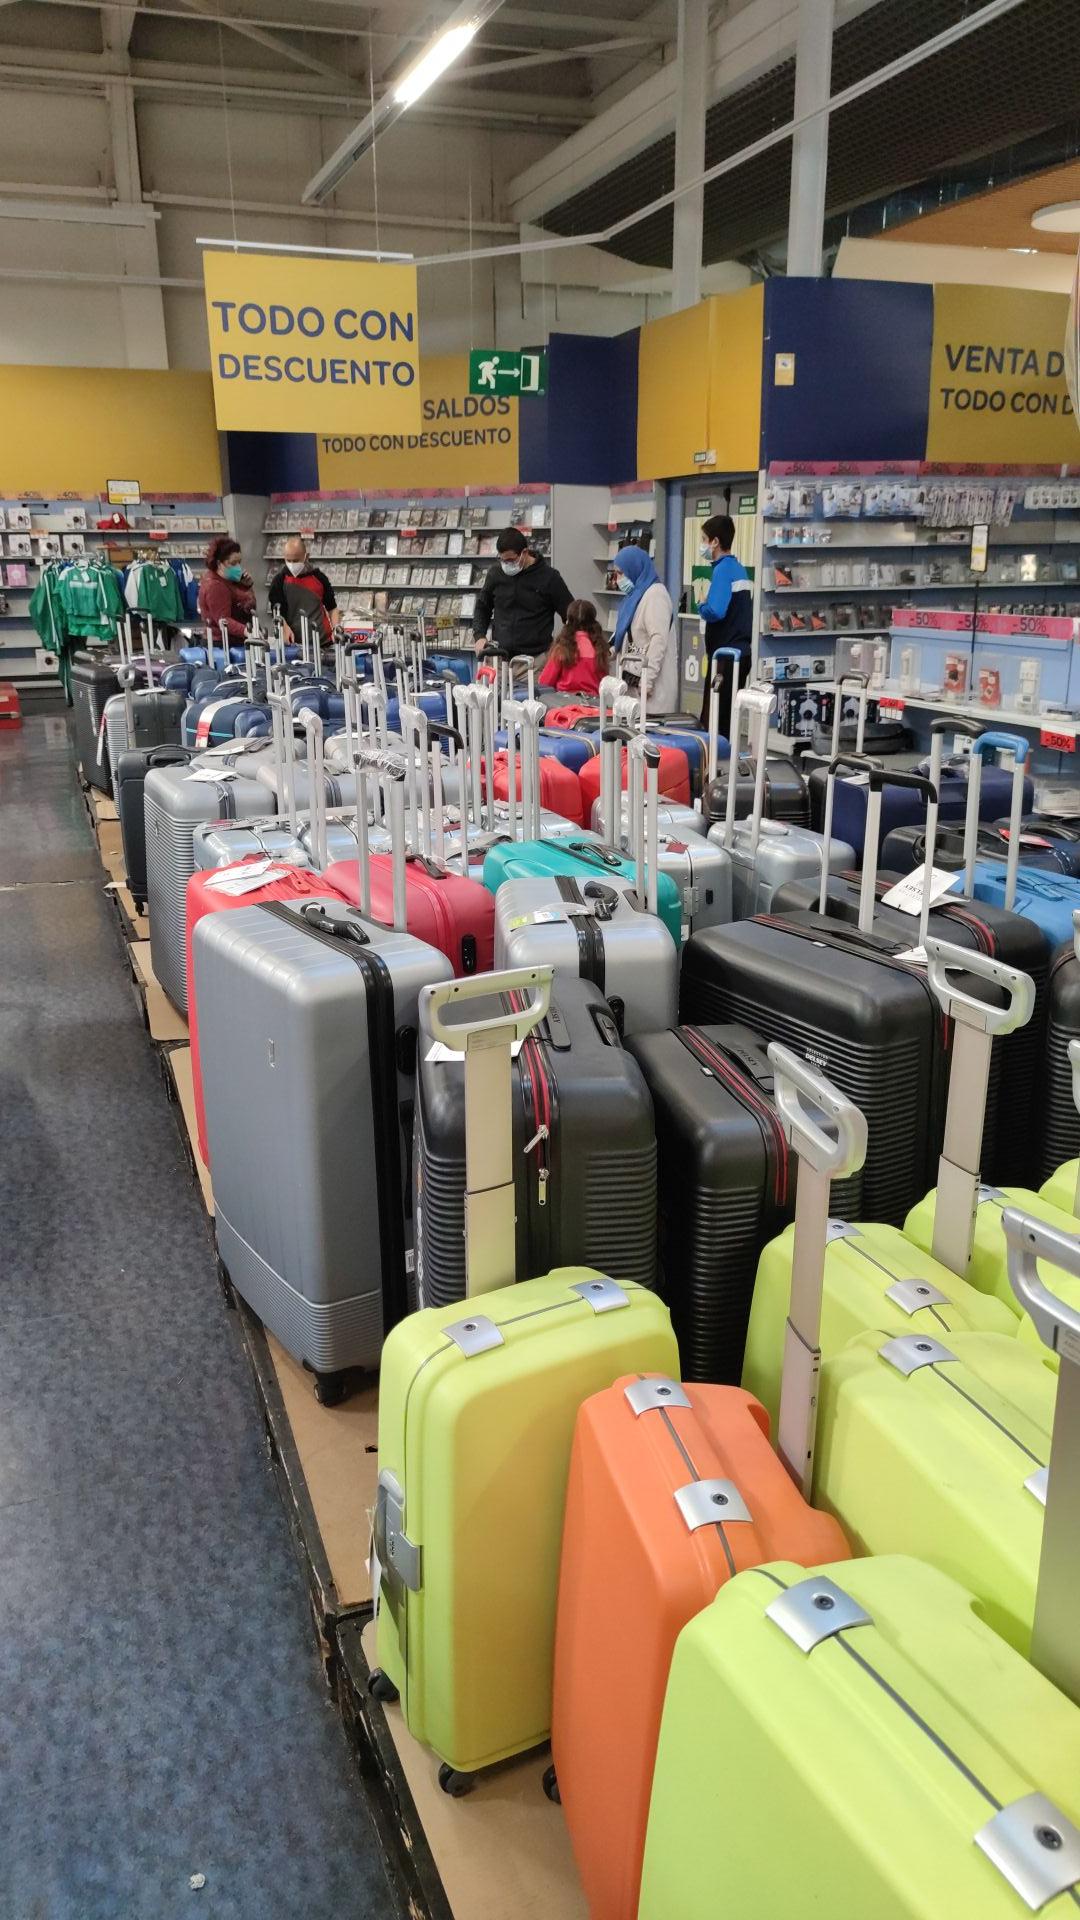 Maletas a buen precio en Carrefour Outlet de Valladolid